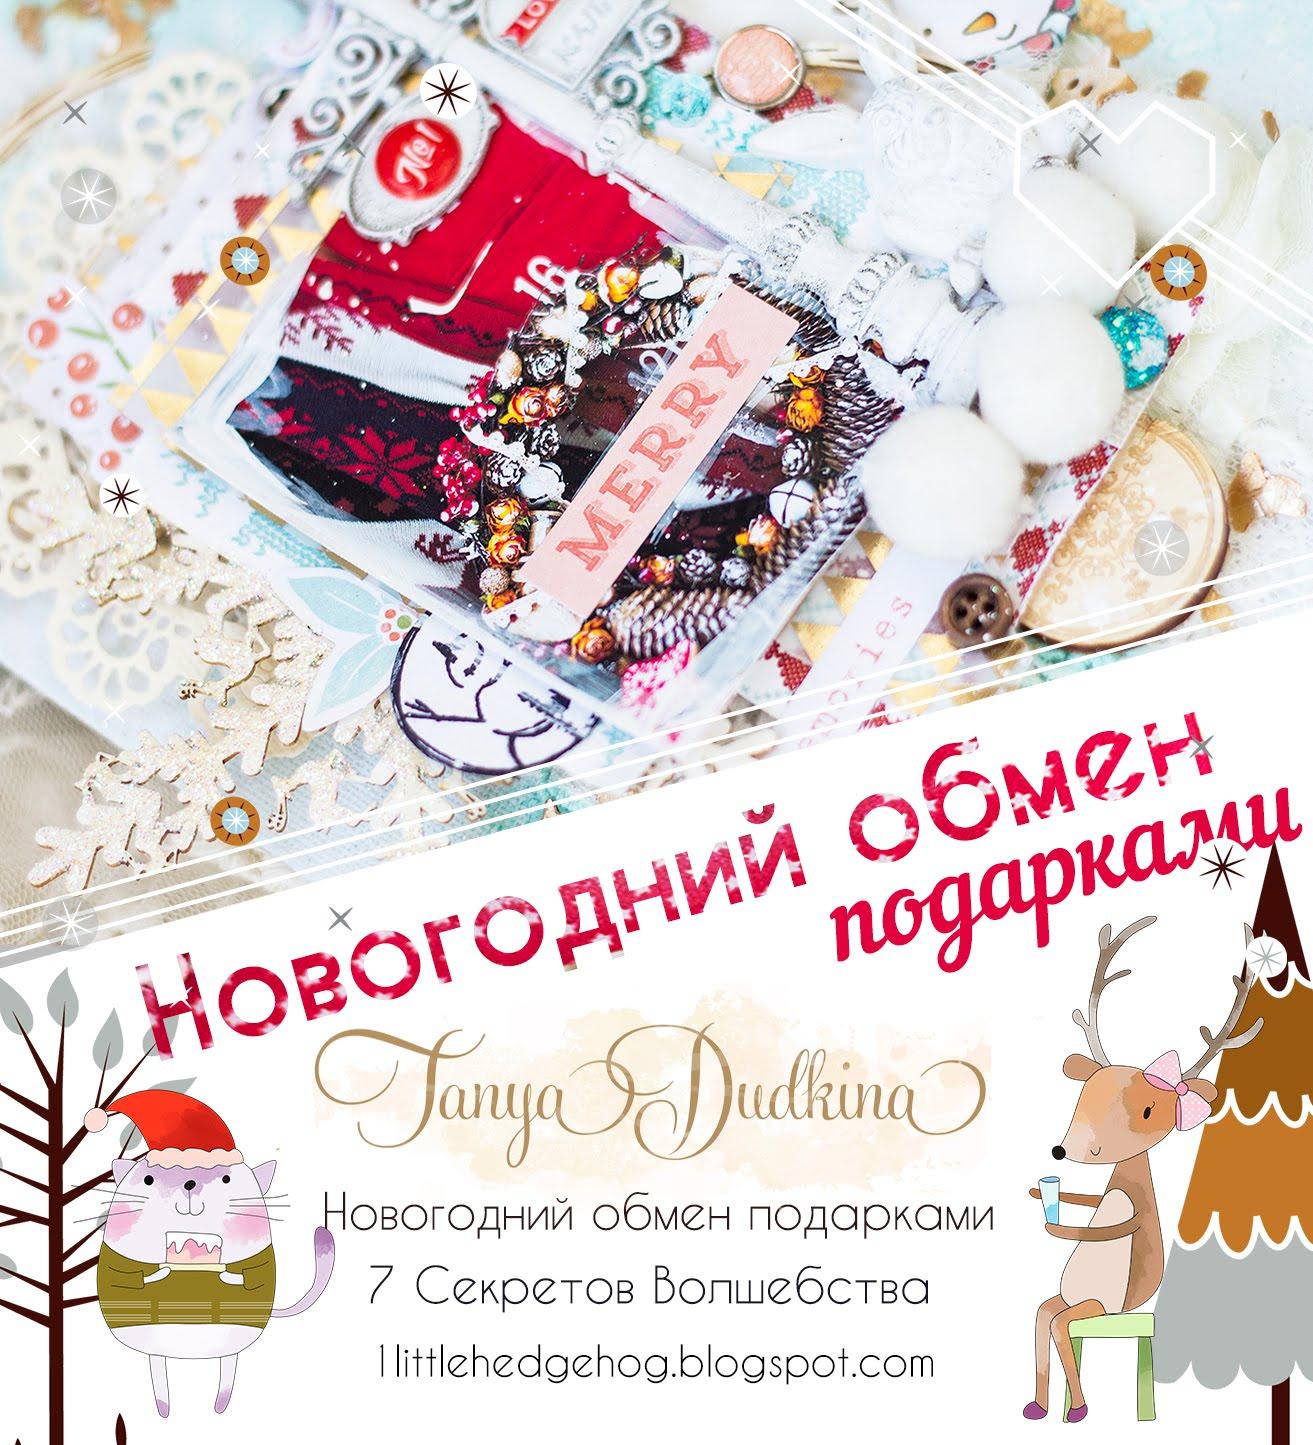 Ура!!! Новогодний обмен подарками!!!!